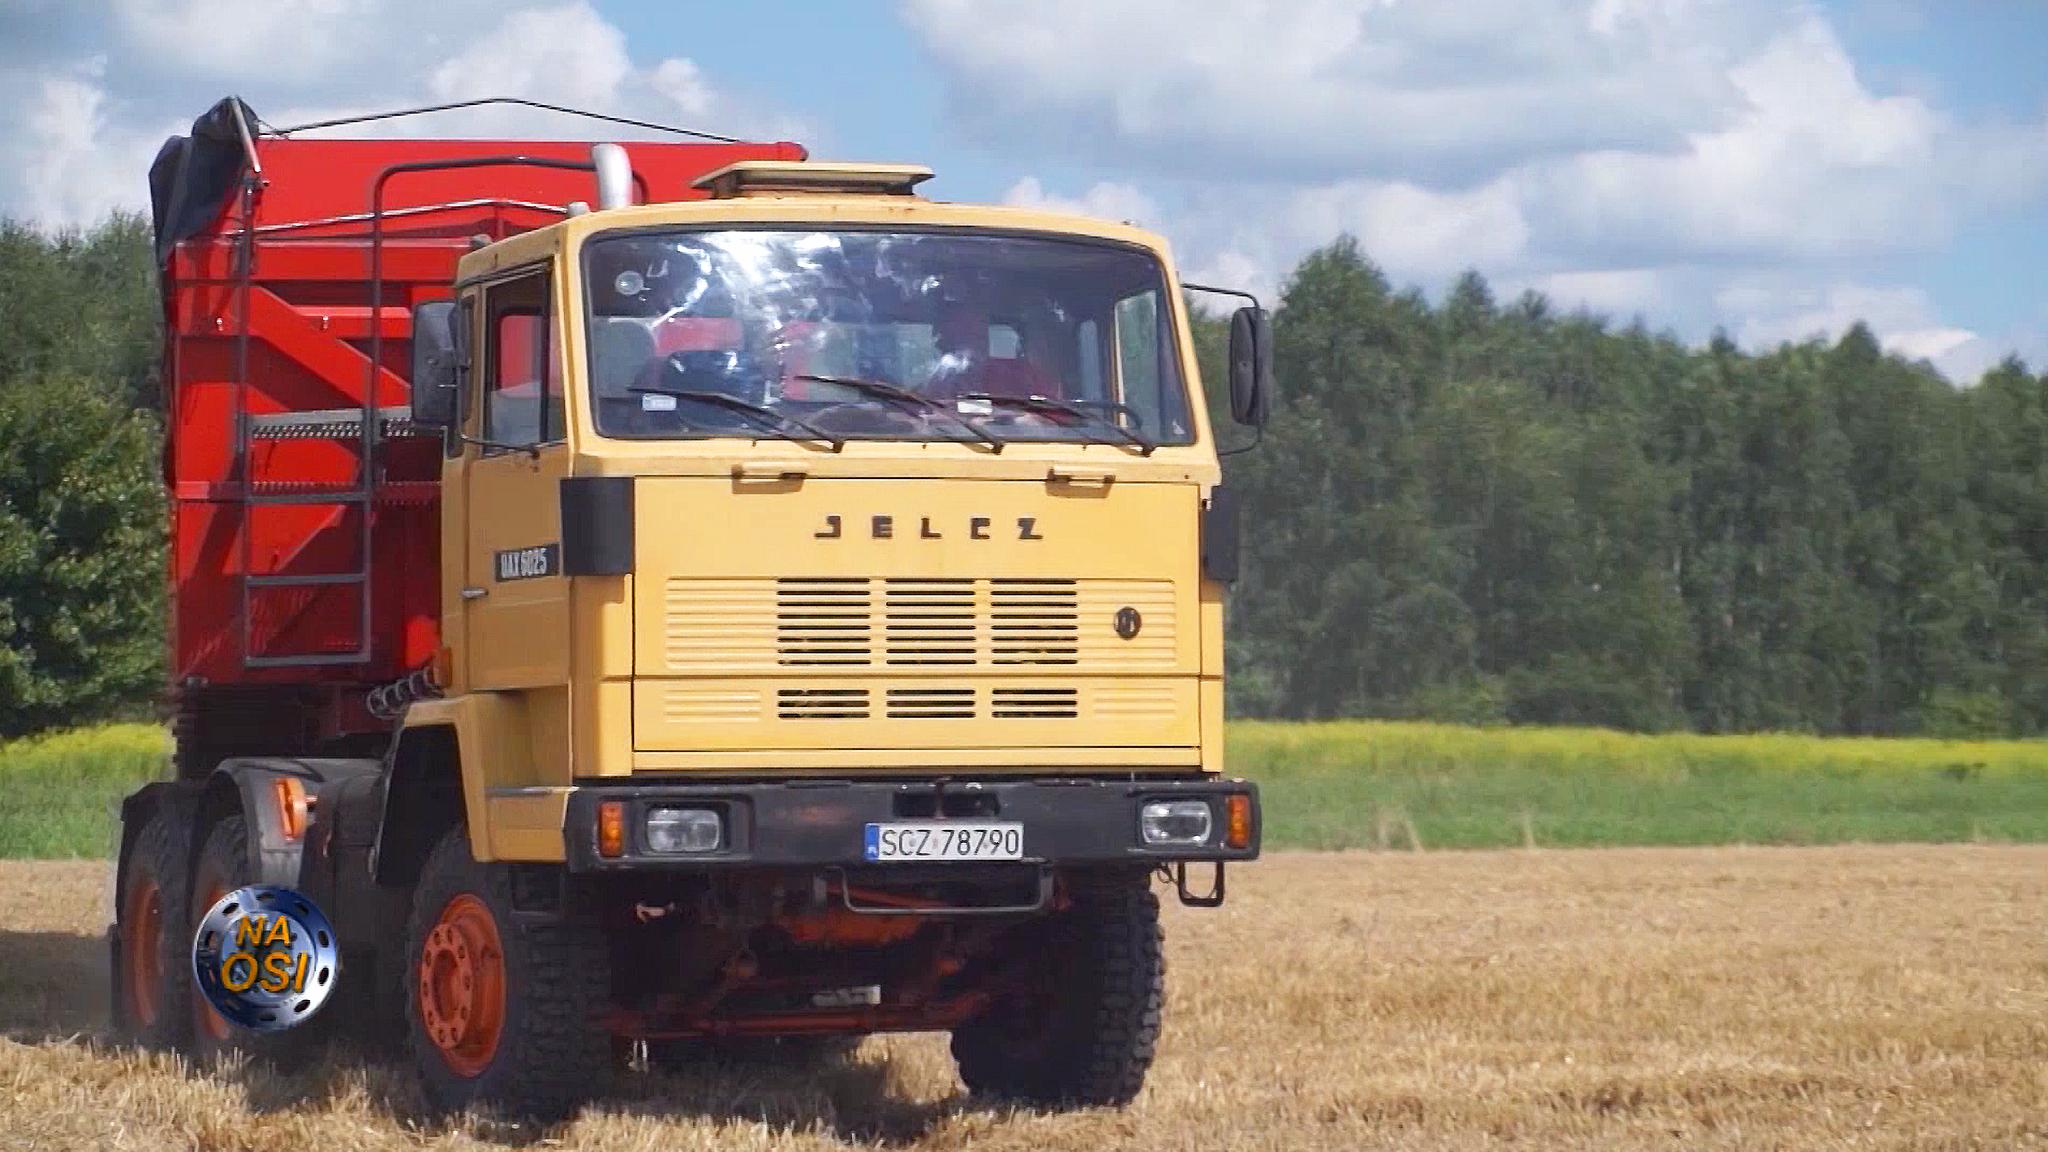 Master Truck Show 2021 charytatywnie oraz Maciek i jego Jelcz [ZAJAWKA Na Osi 944]